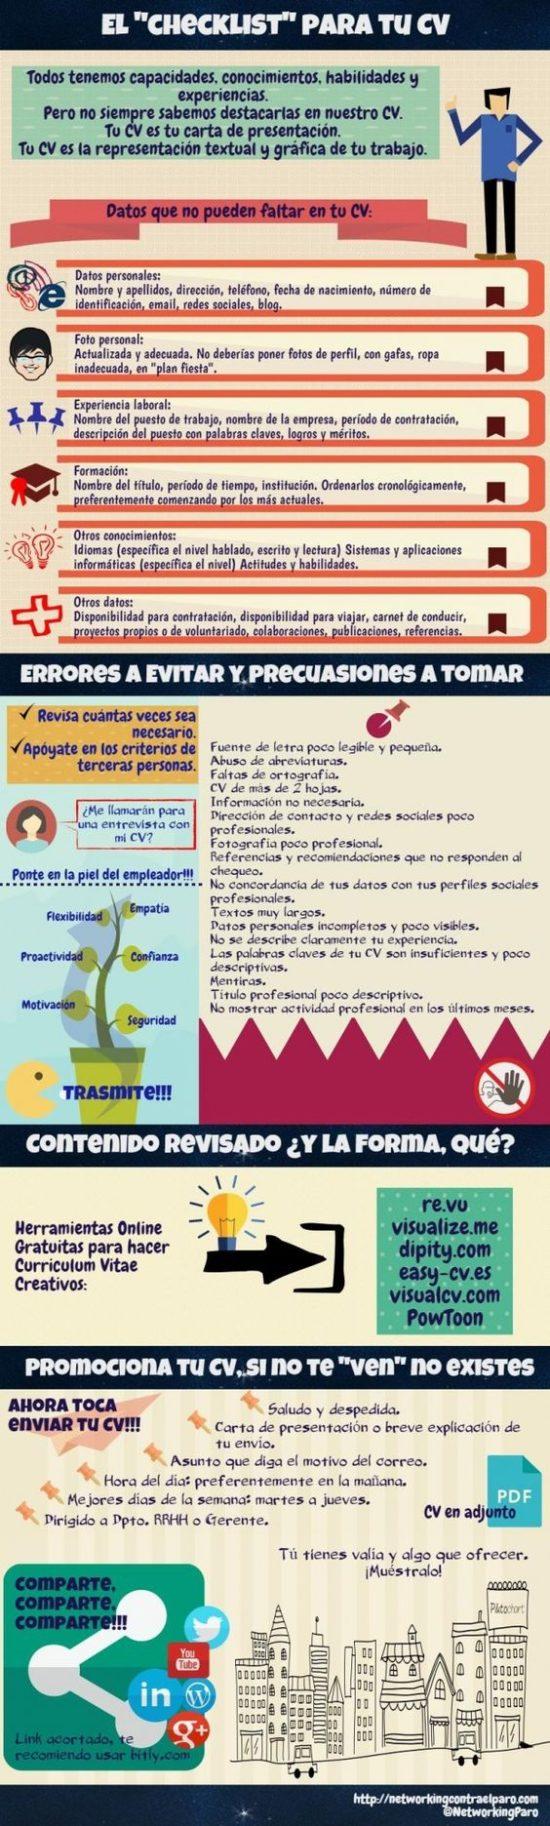 Infografia día del Trabajador (8)